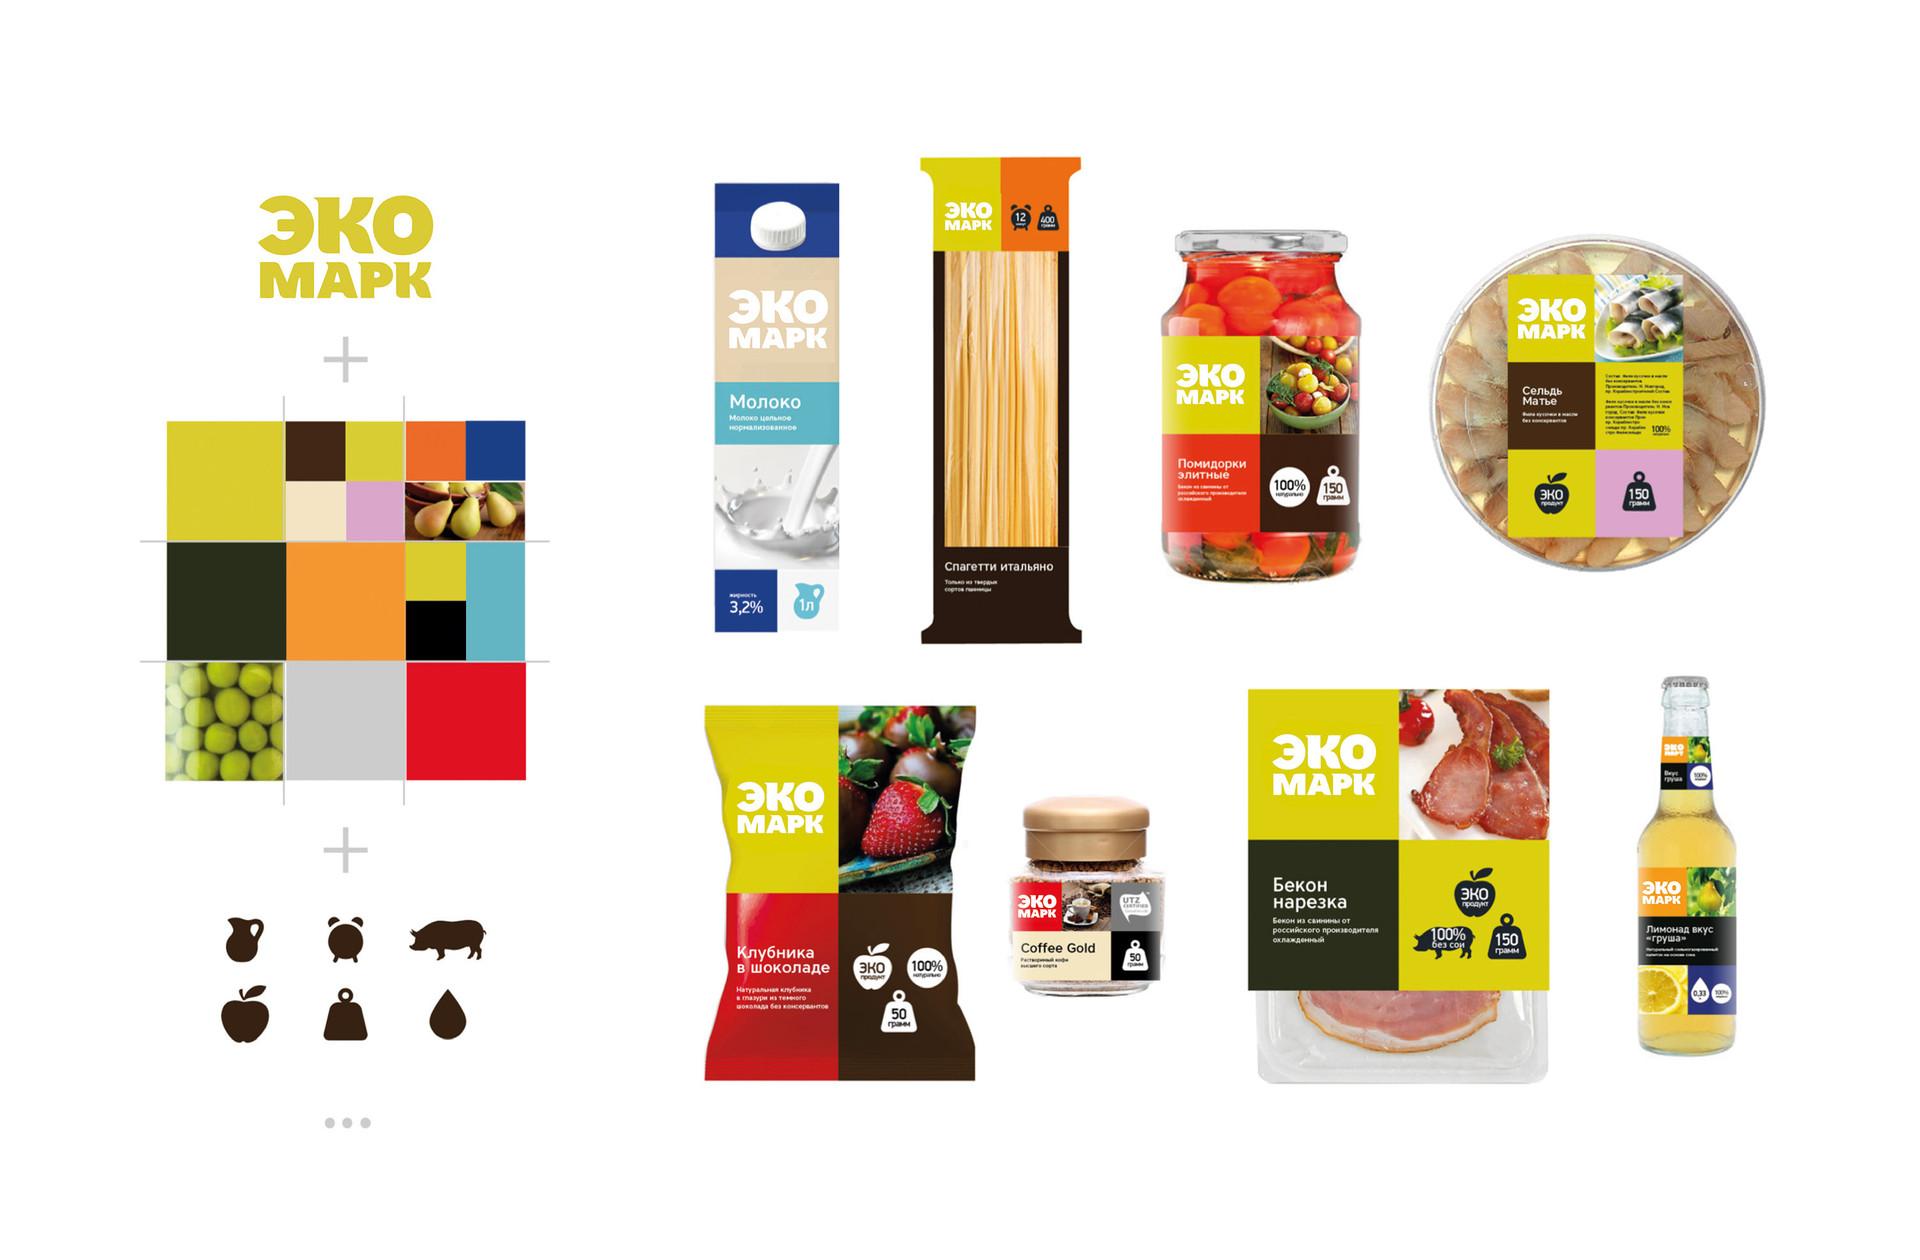 Идея. Дизайн упаковки состоит из модулей-плашек: логотипа на контрастном фоне, иконок преимуществ и изображения продукта